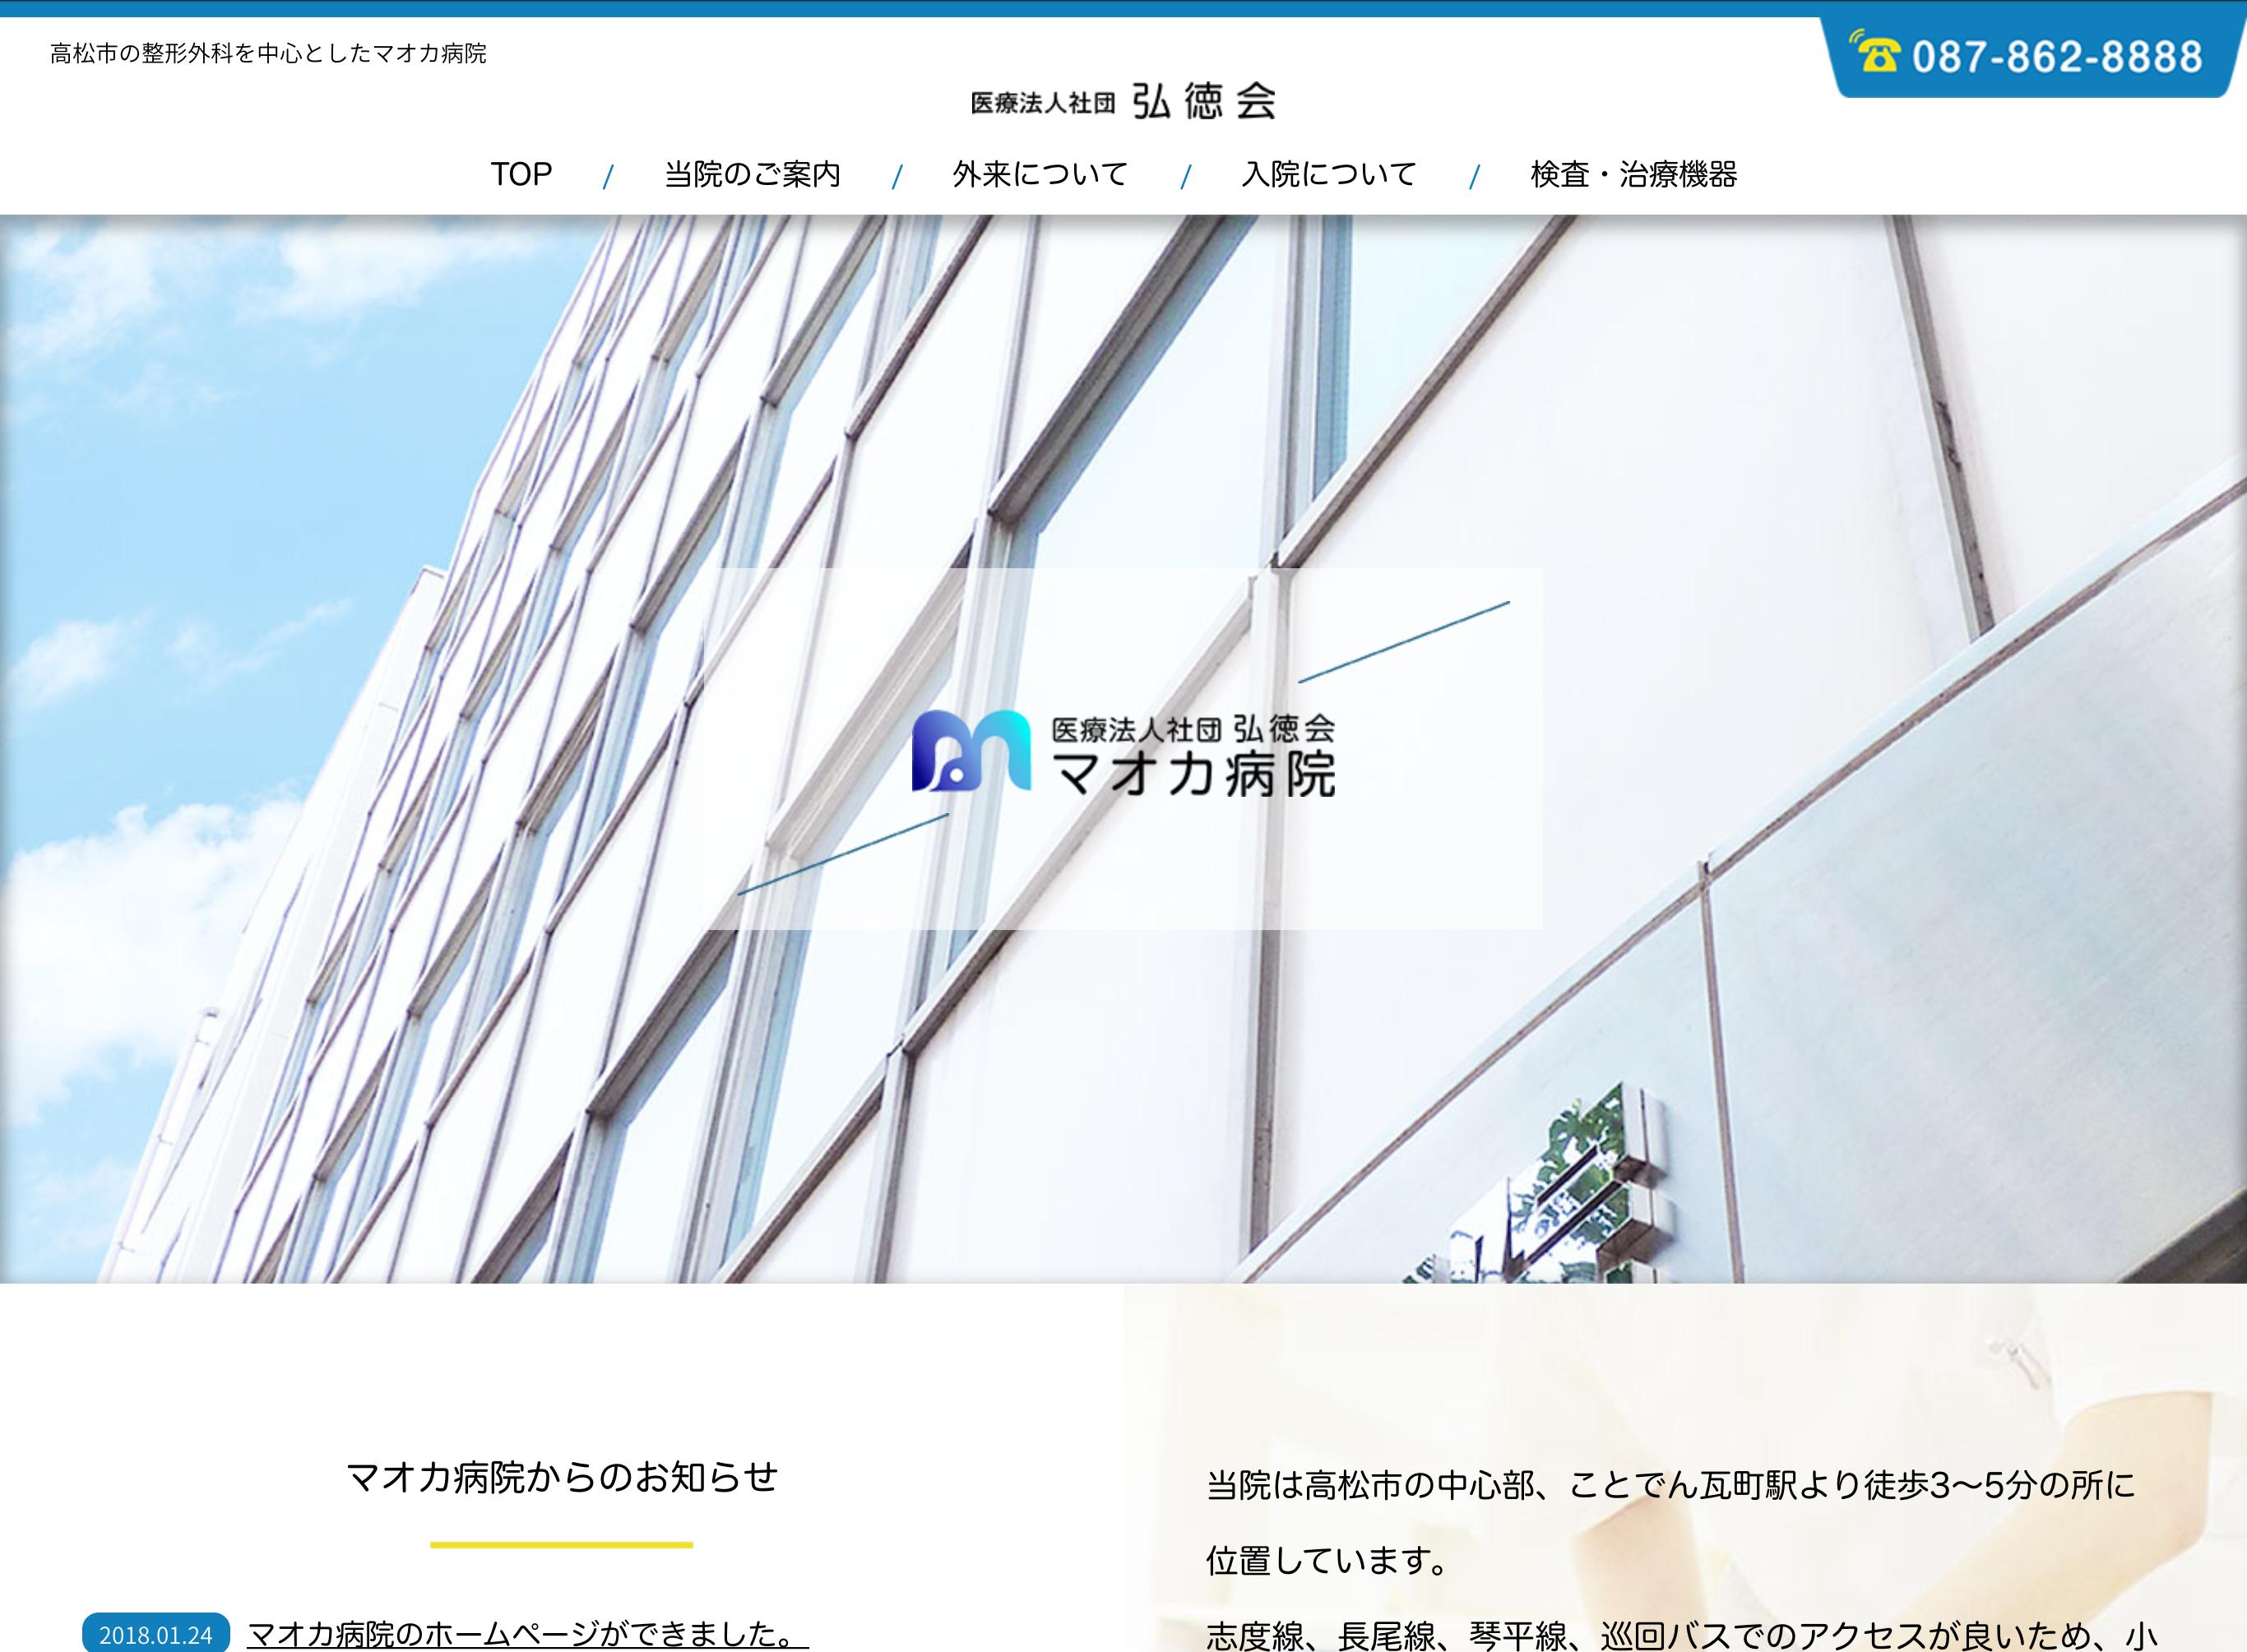 医療法人社団 弘徳会ホームページ